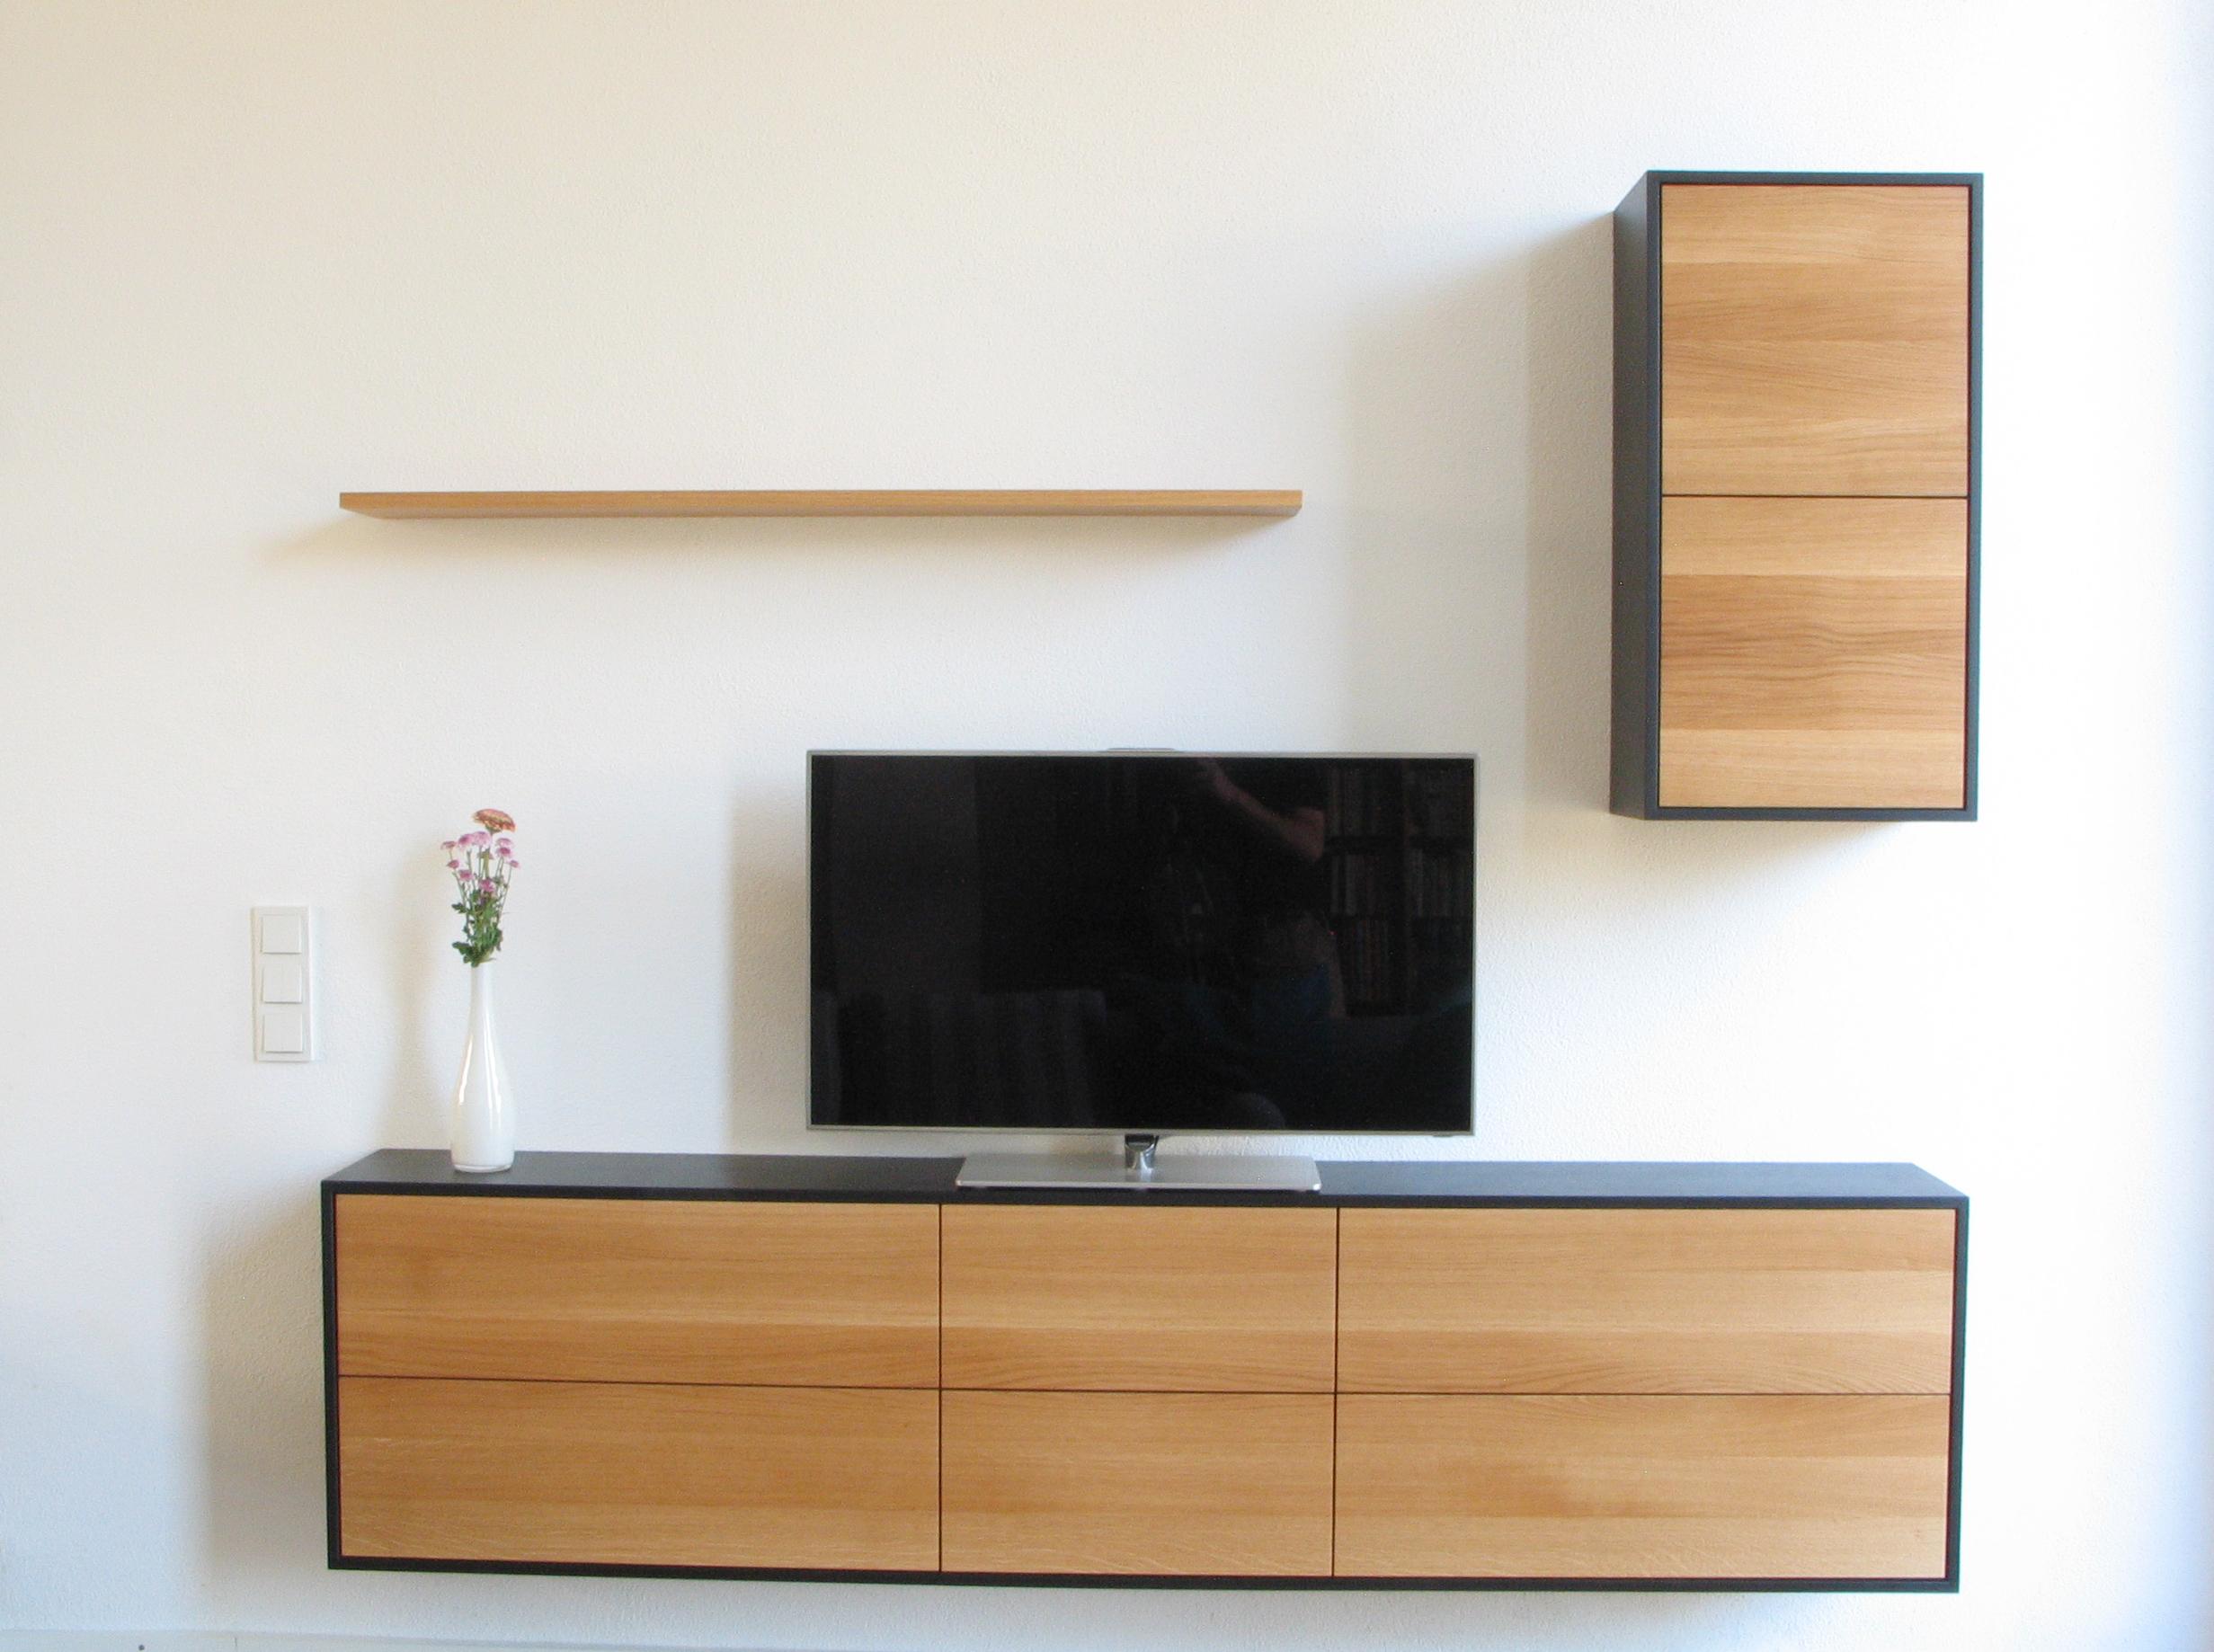 Wohnzimmer Möbel in MDF schwarz und Eiche Massivholz 03